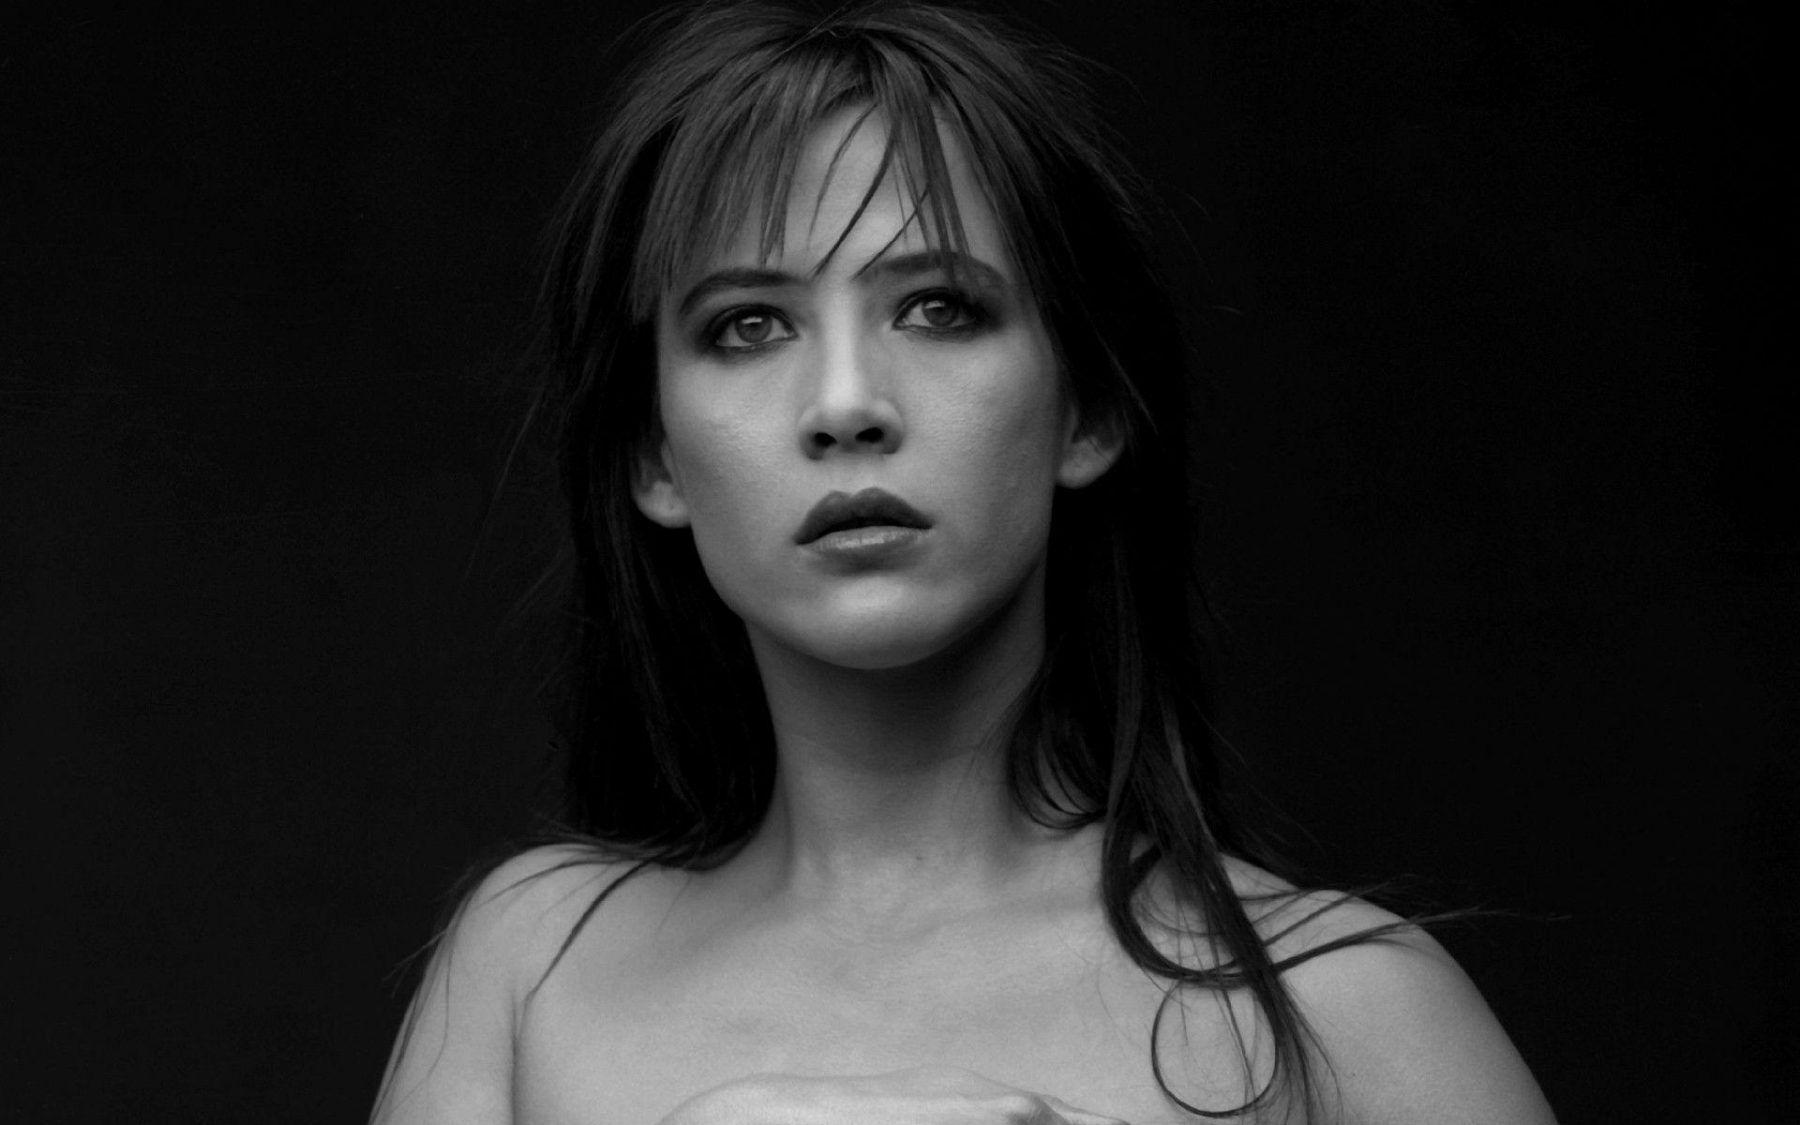 Актриса Голая Скачать Бесплатно